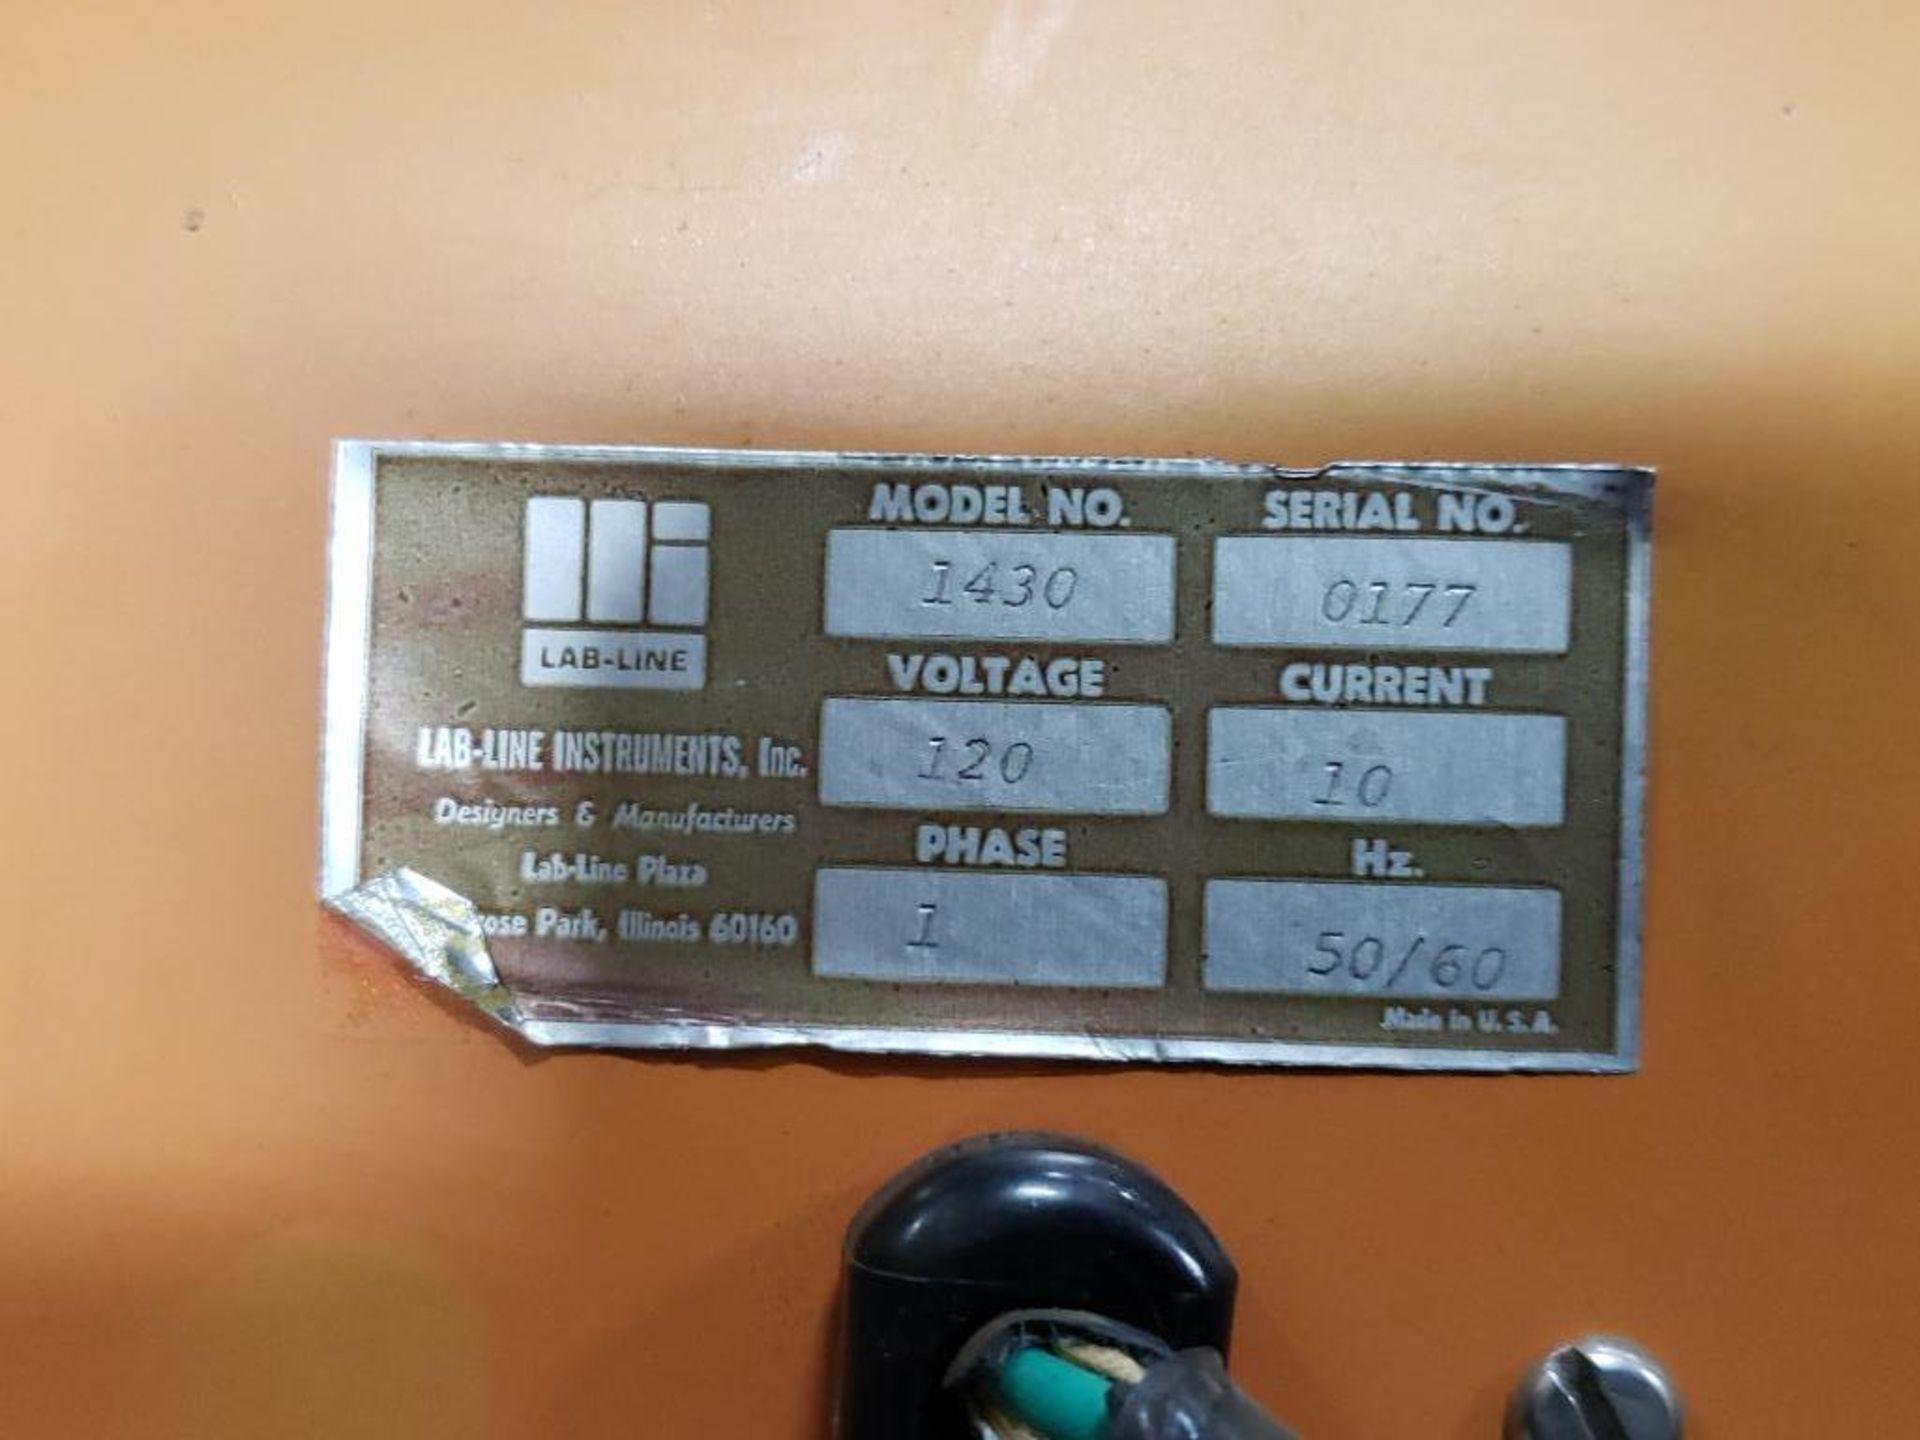 Lab-Line 72-Hour Lab-Minder. Model 1430. - Image 6 of 6